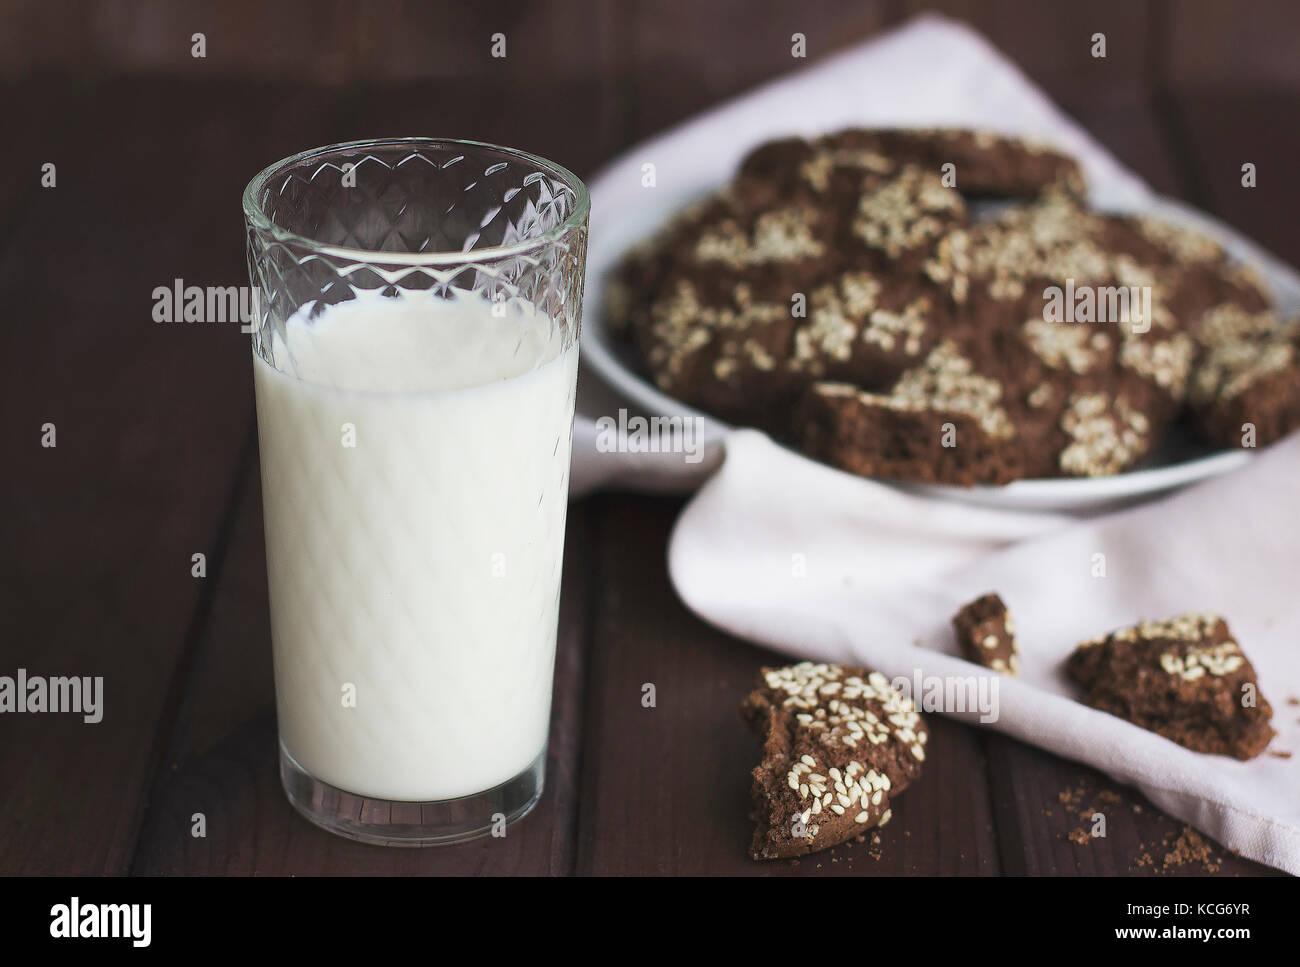 Les cookies au chocolat avec des graines de sésame dans une plaque d'époque et un verre de lait sur Photo Stock